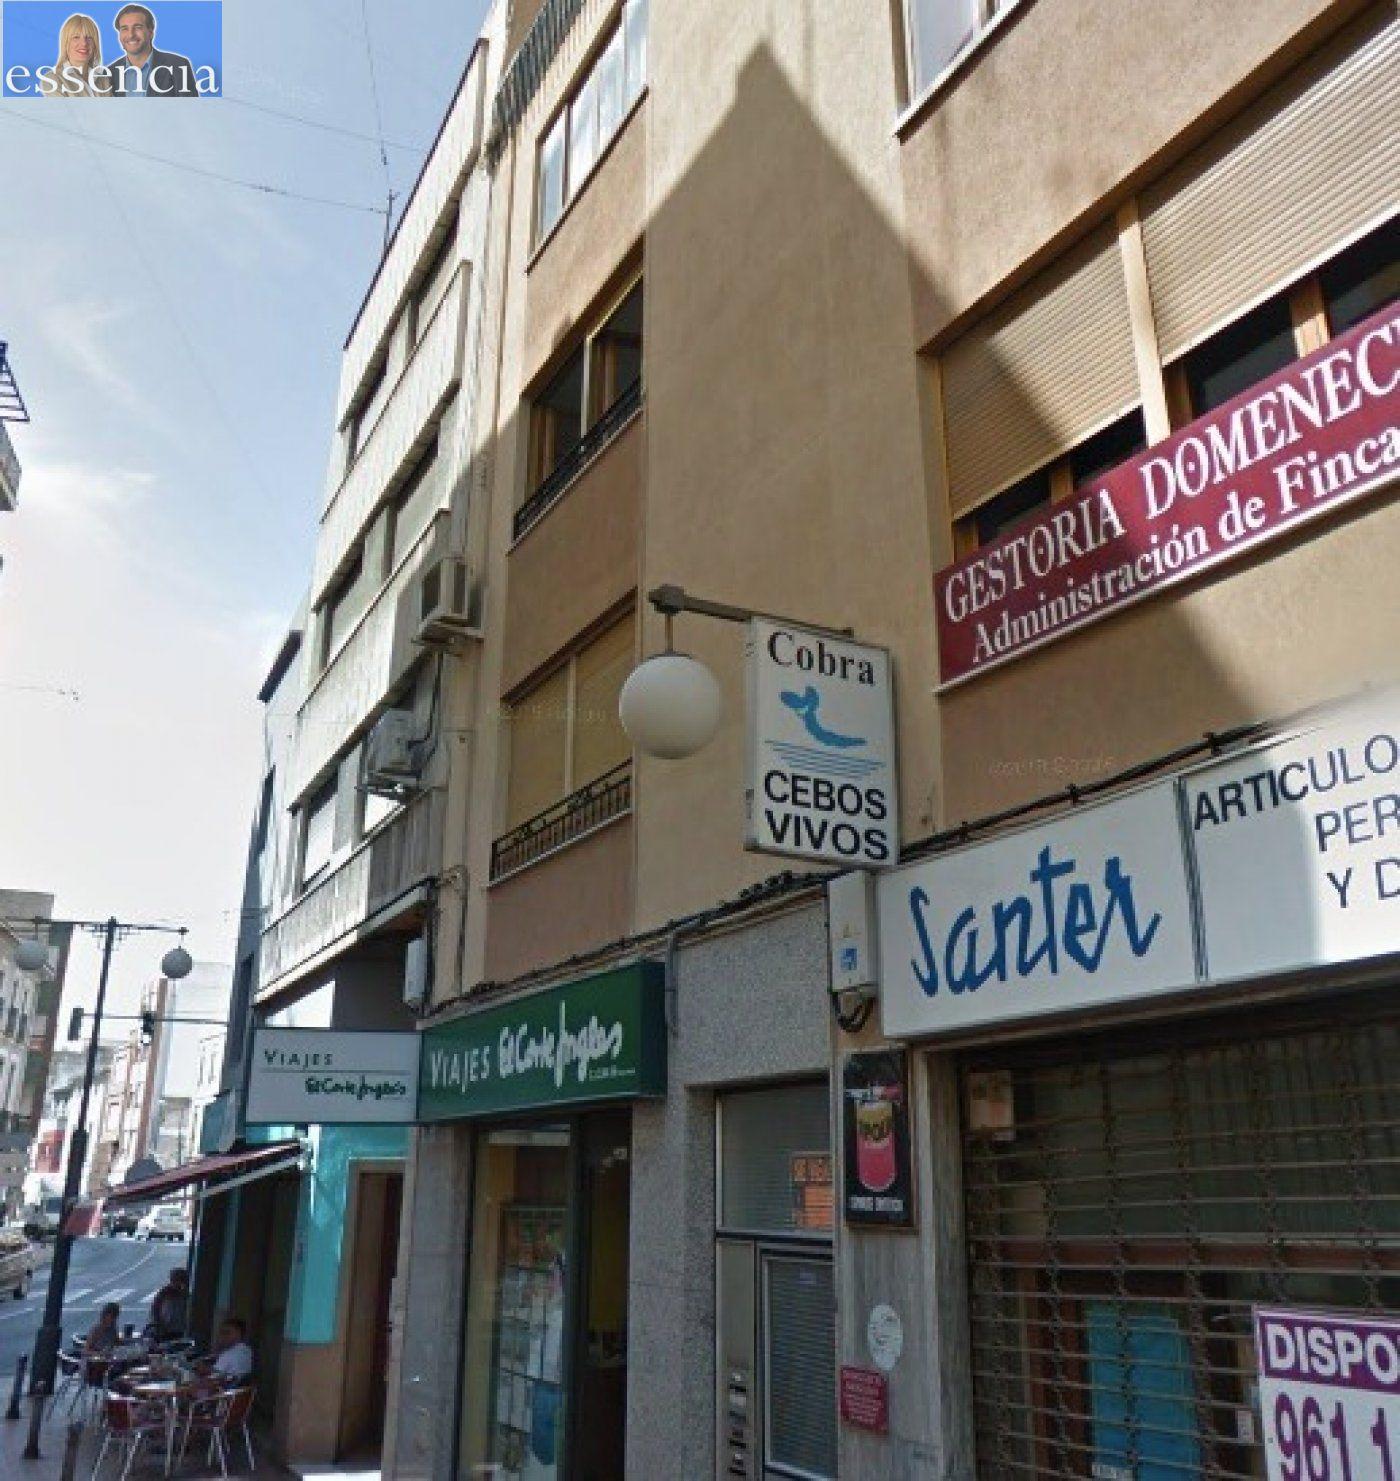 Piso en venta en calle mayor, 1º, 46780, oliva (valencia) - imagenInmueble18